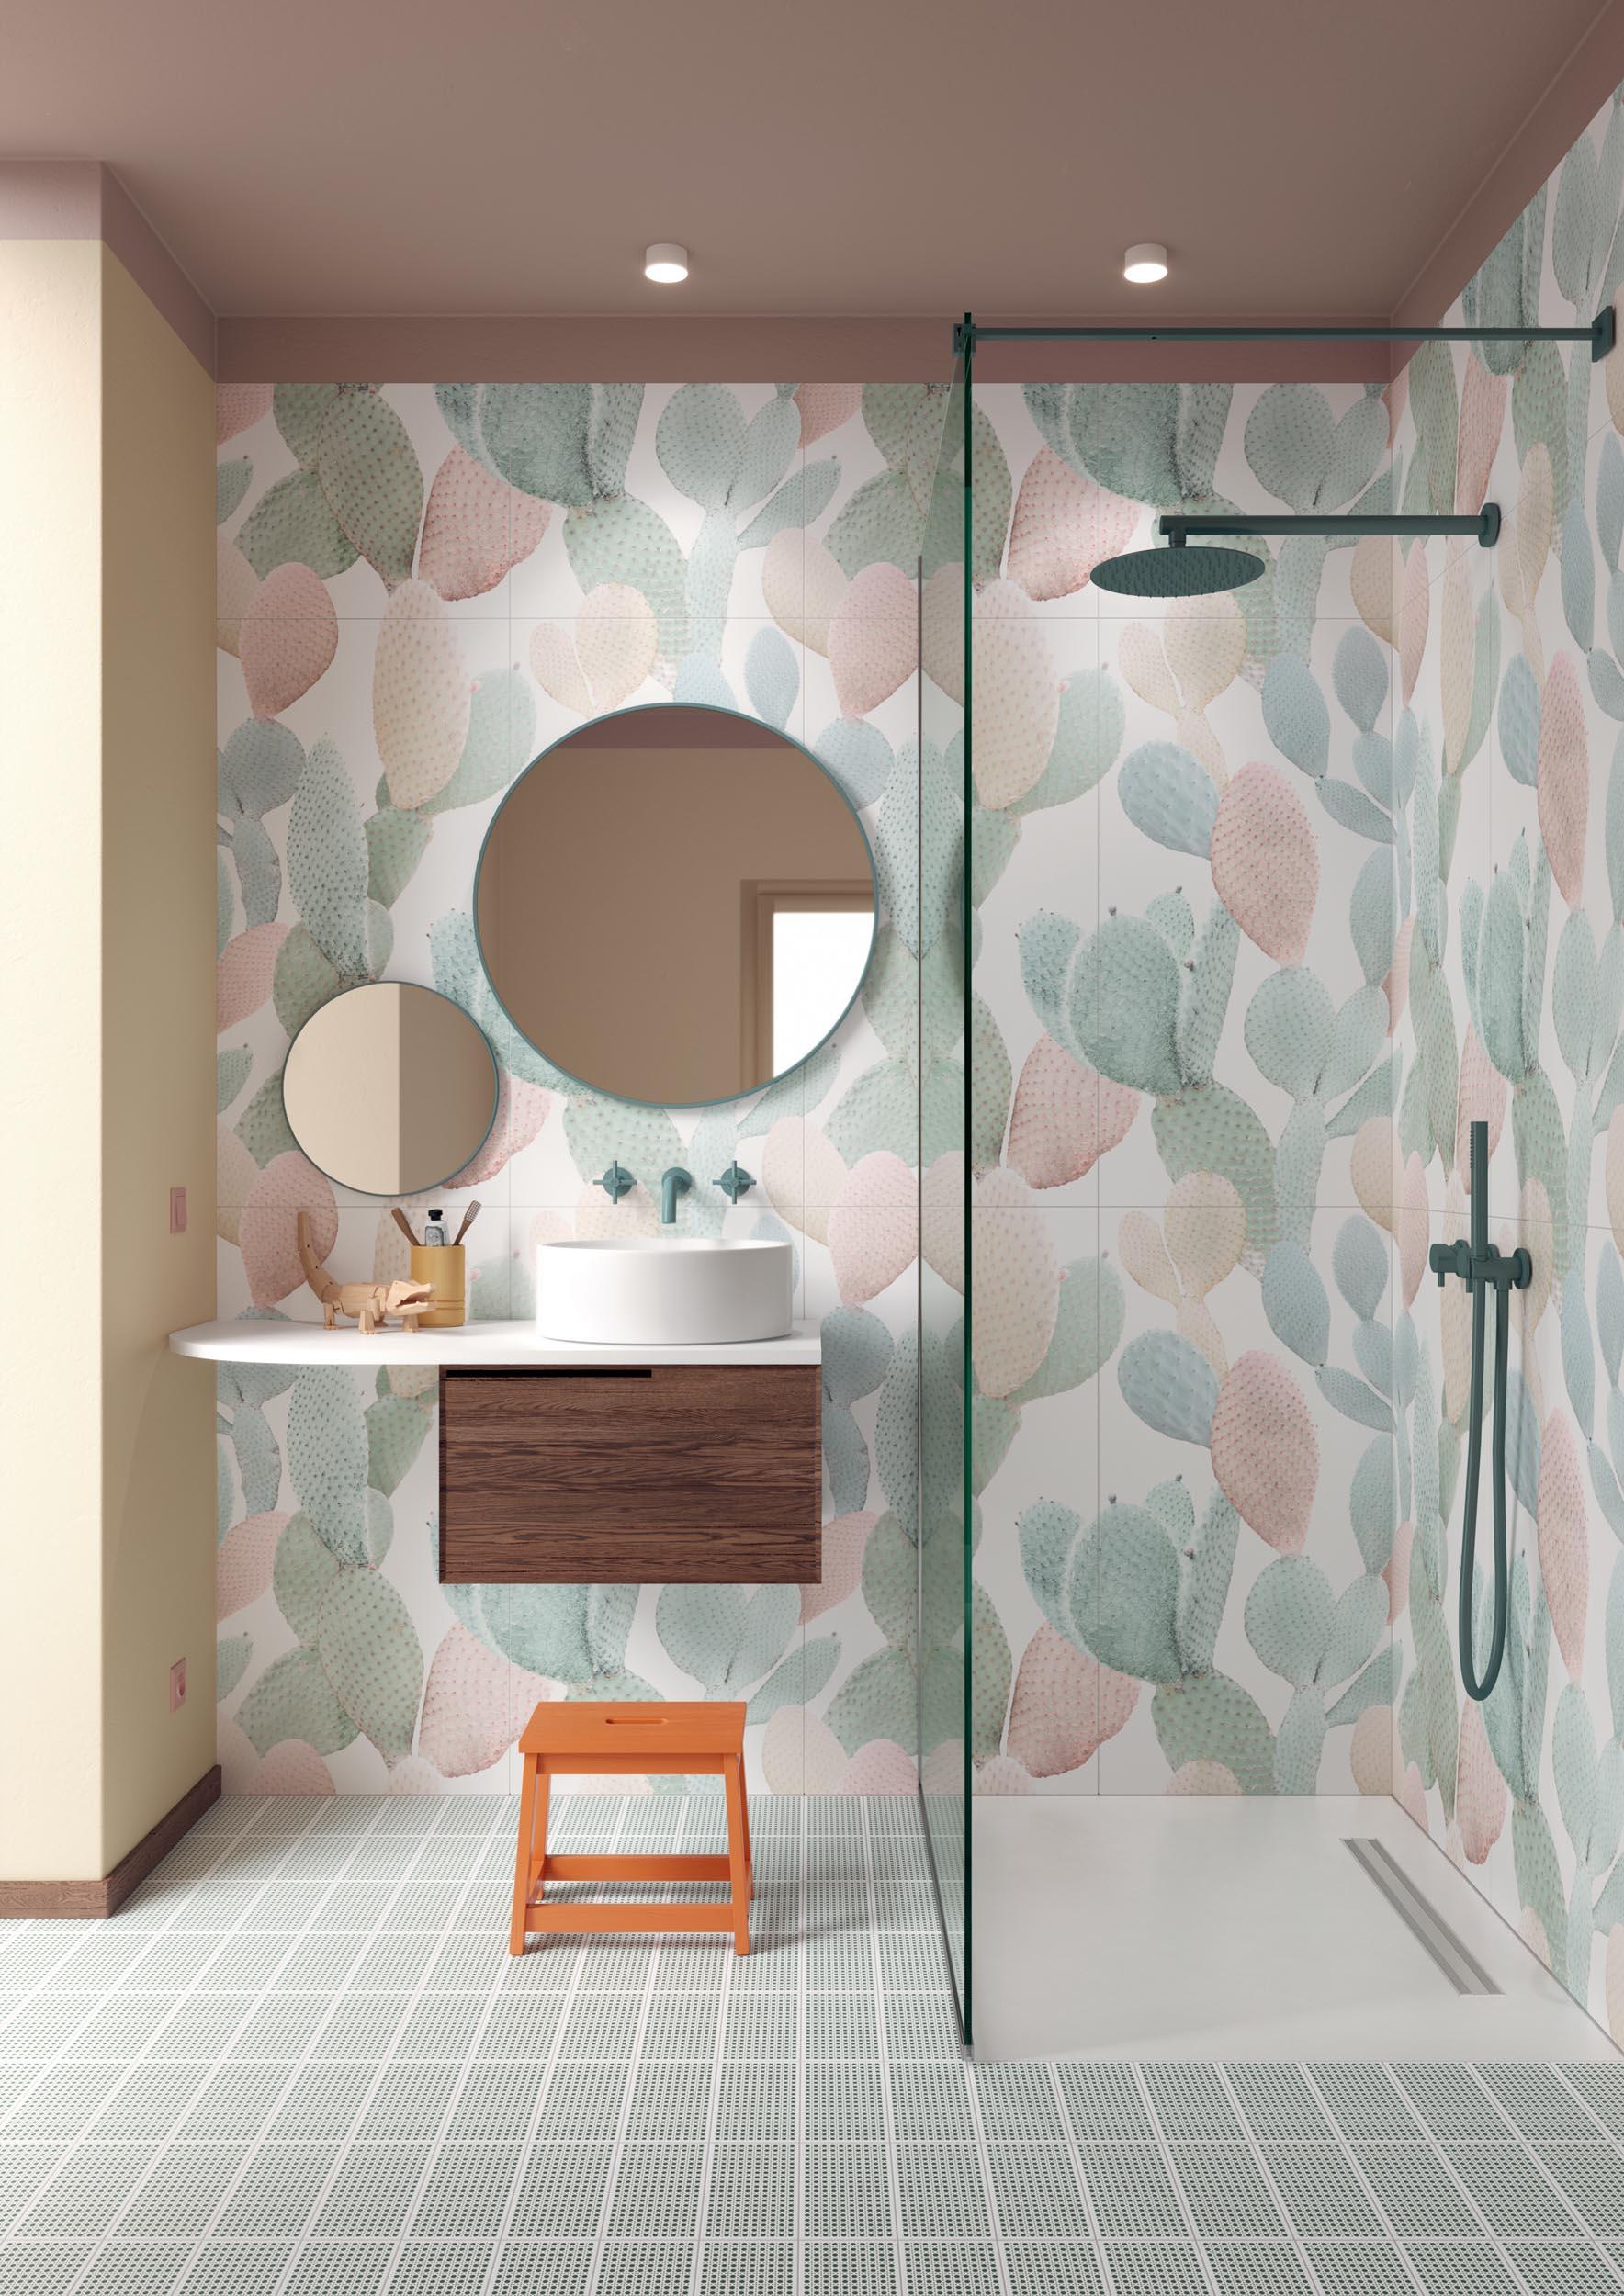 """Wall Paper41 Pro Marcela 50x100 20""""x40"""" - Floor Sunday Twist Salvia 10x20 4""""x8"""""""